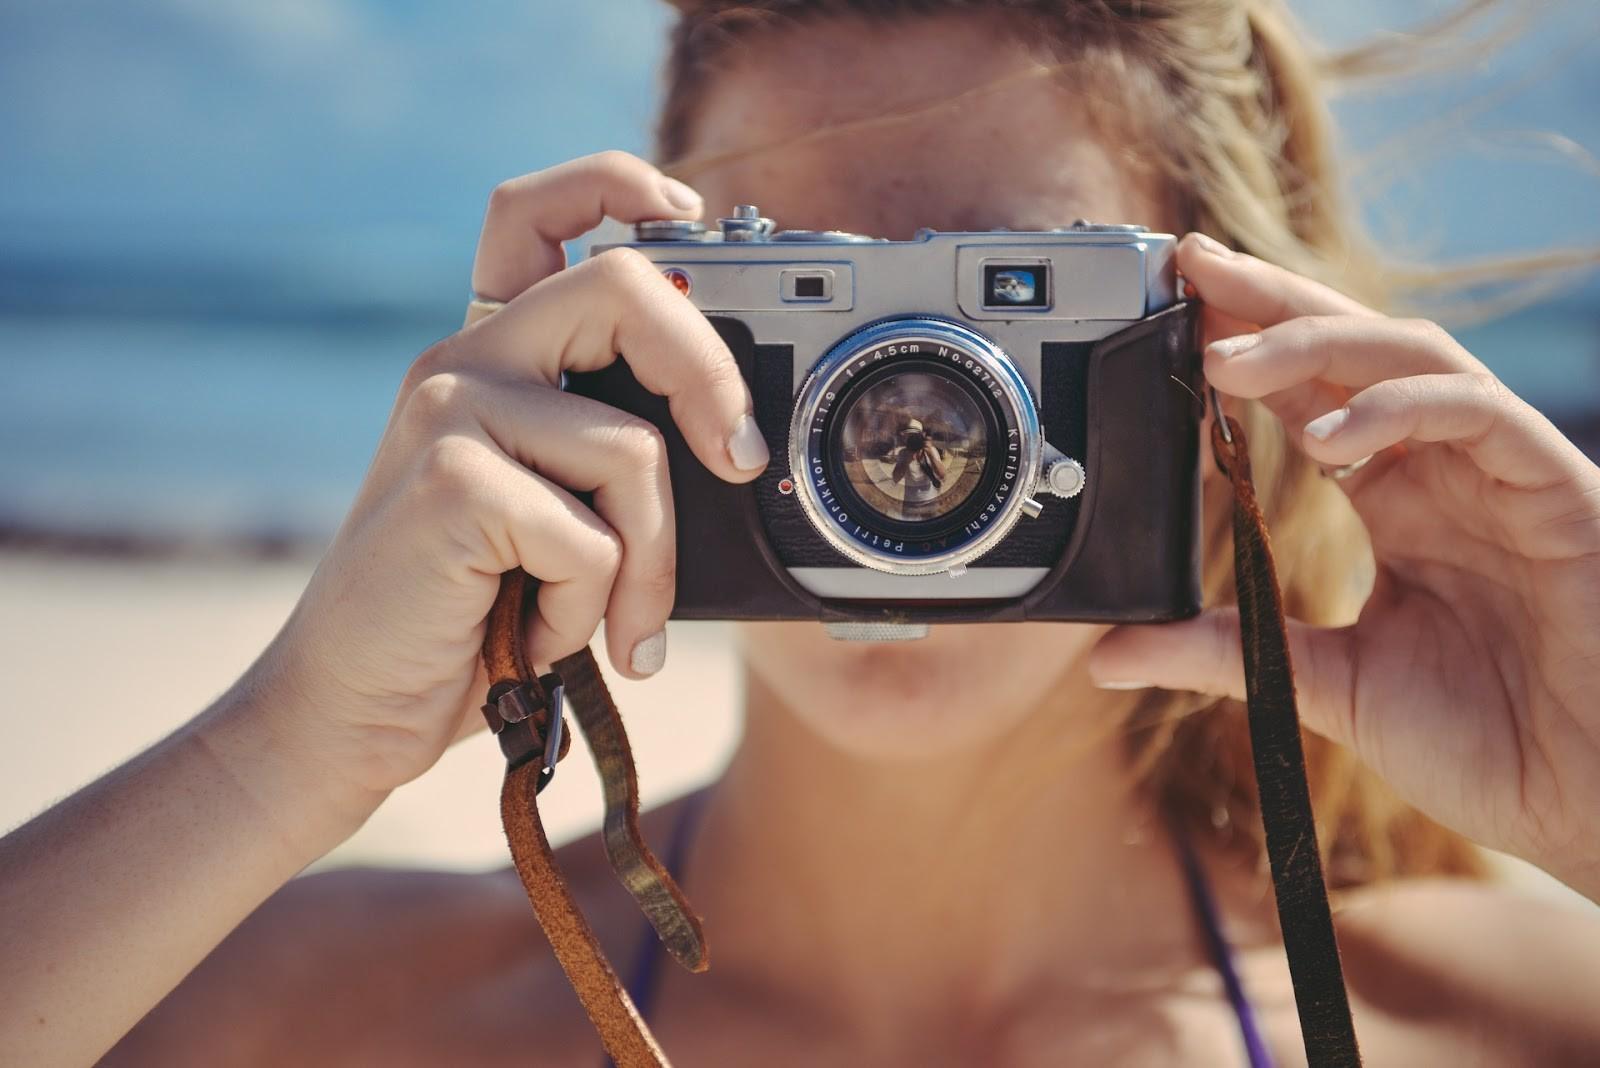 Bạn nên đầu tư một chiếc camera xịn một chút nếu có ý định kiếm tiền bằng chụp ảnh